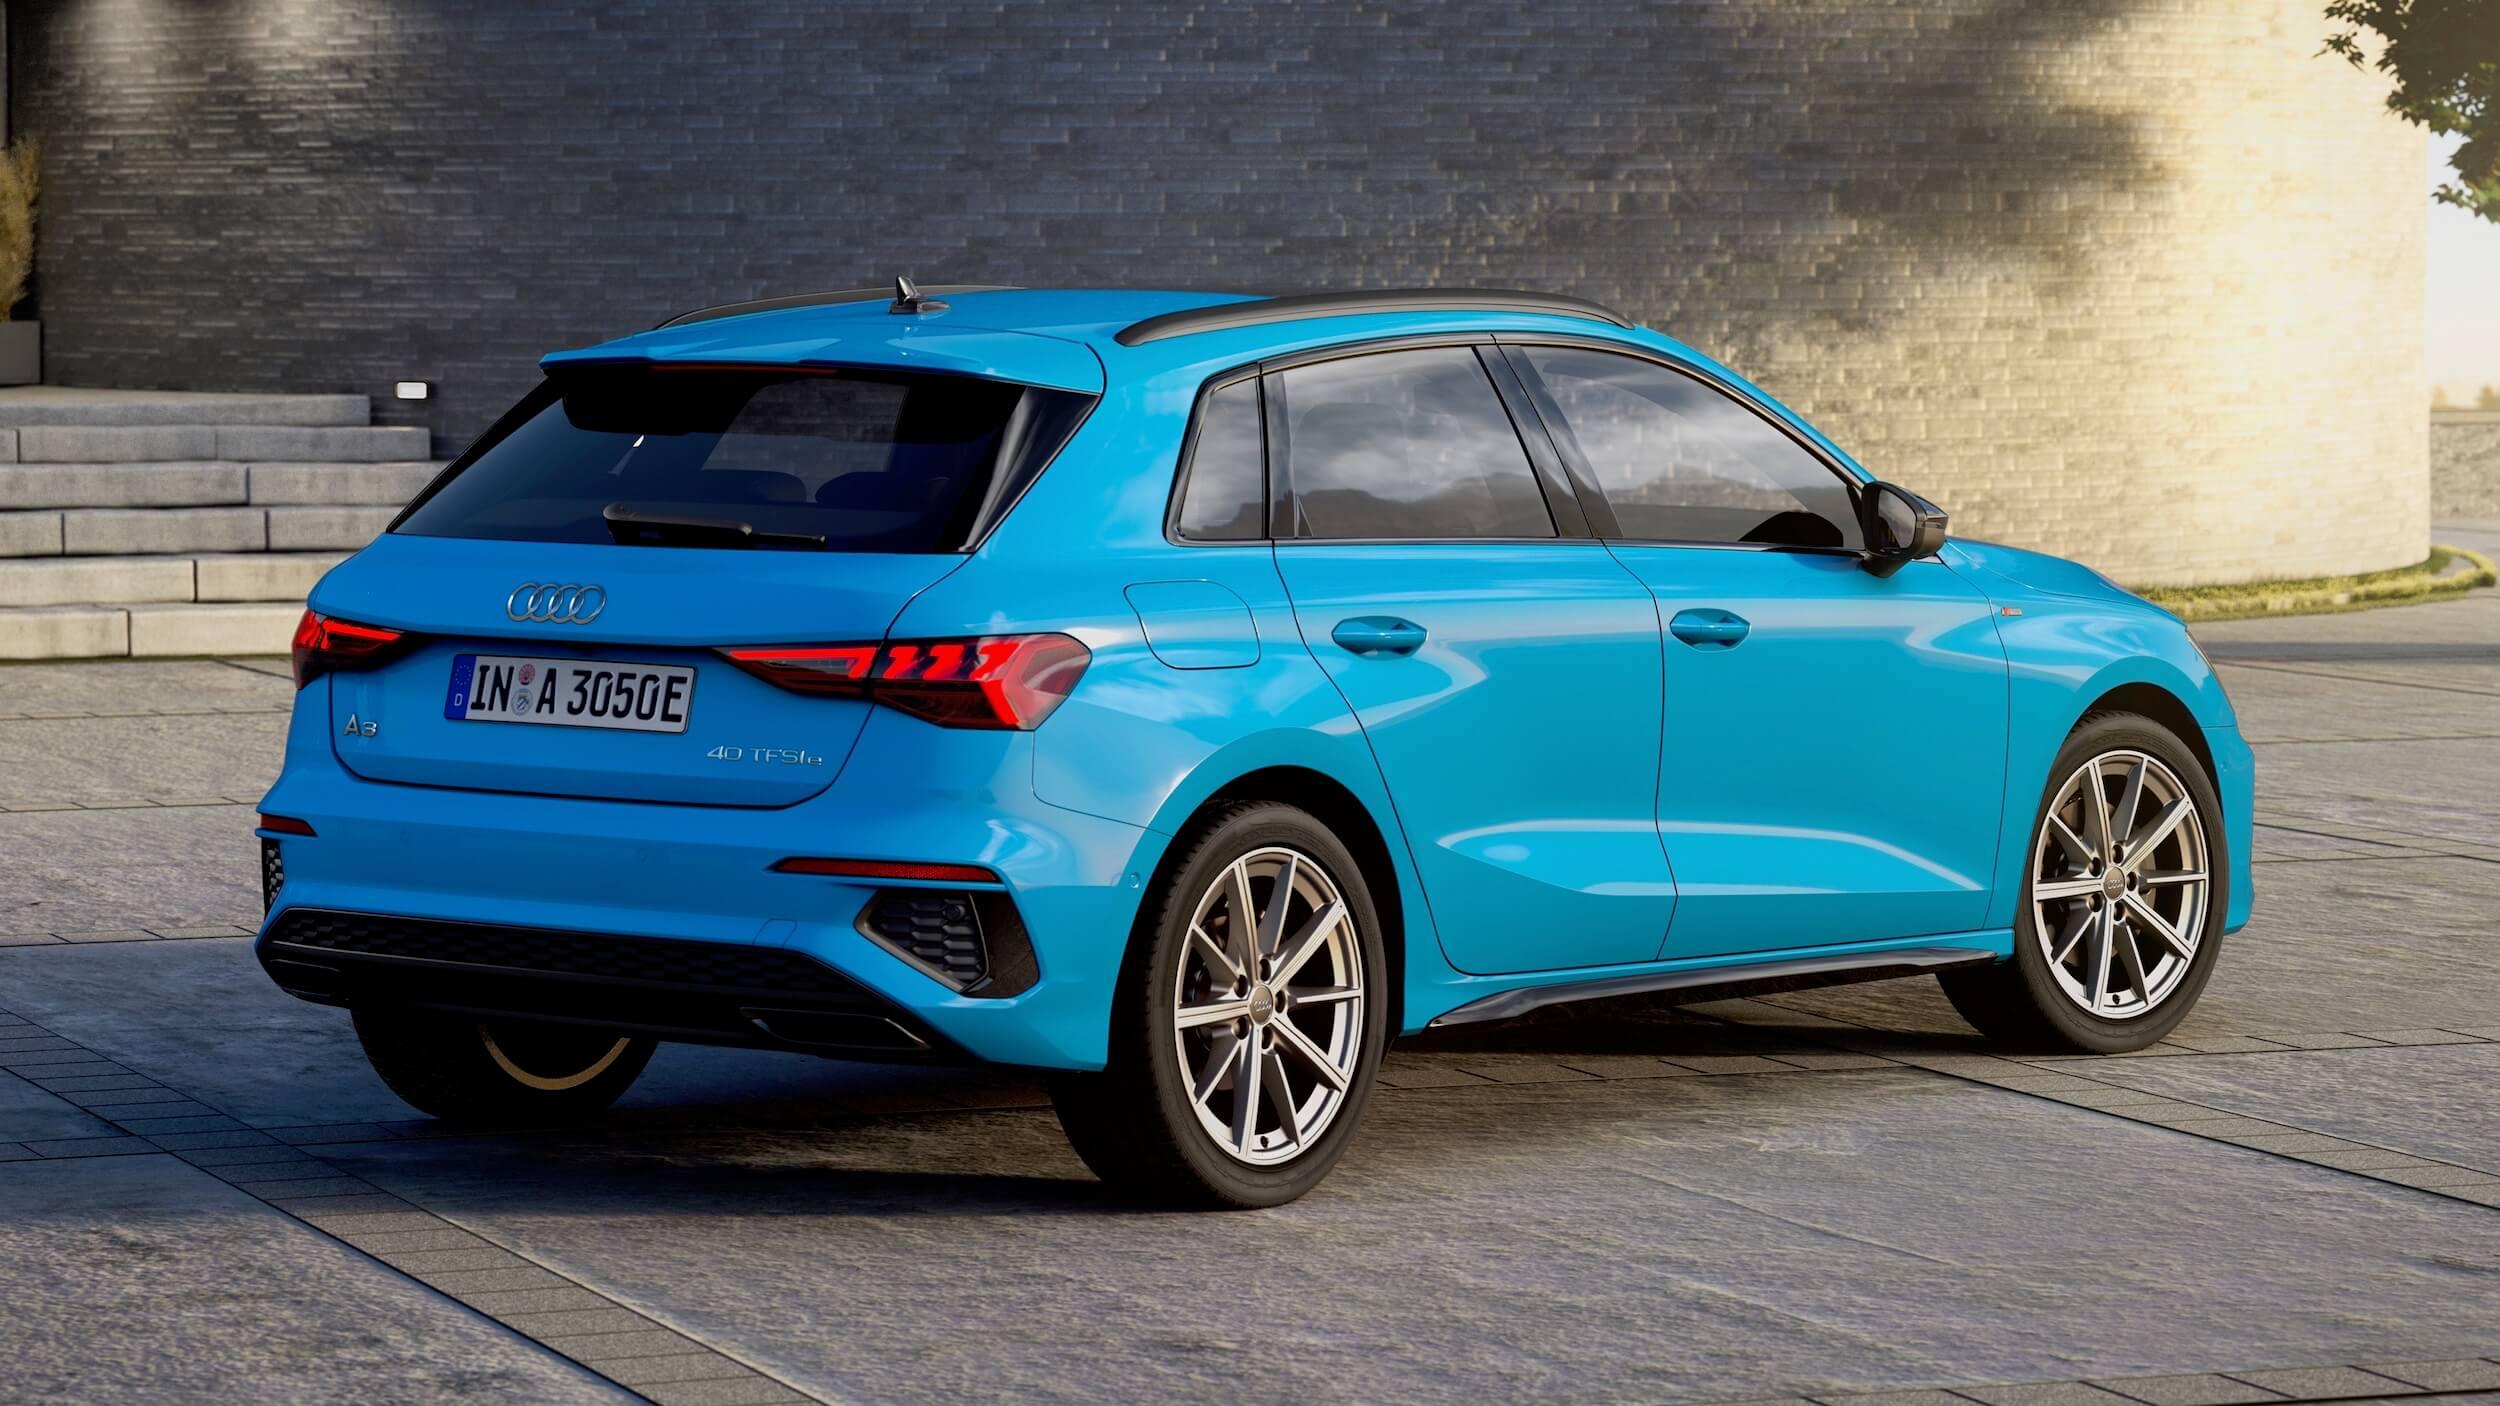 Híbrido Audi A3 Sportback 40 TFSI e